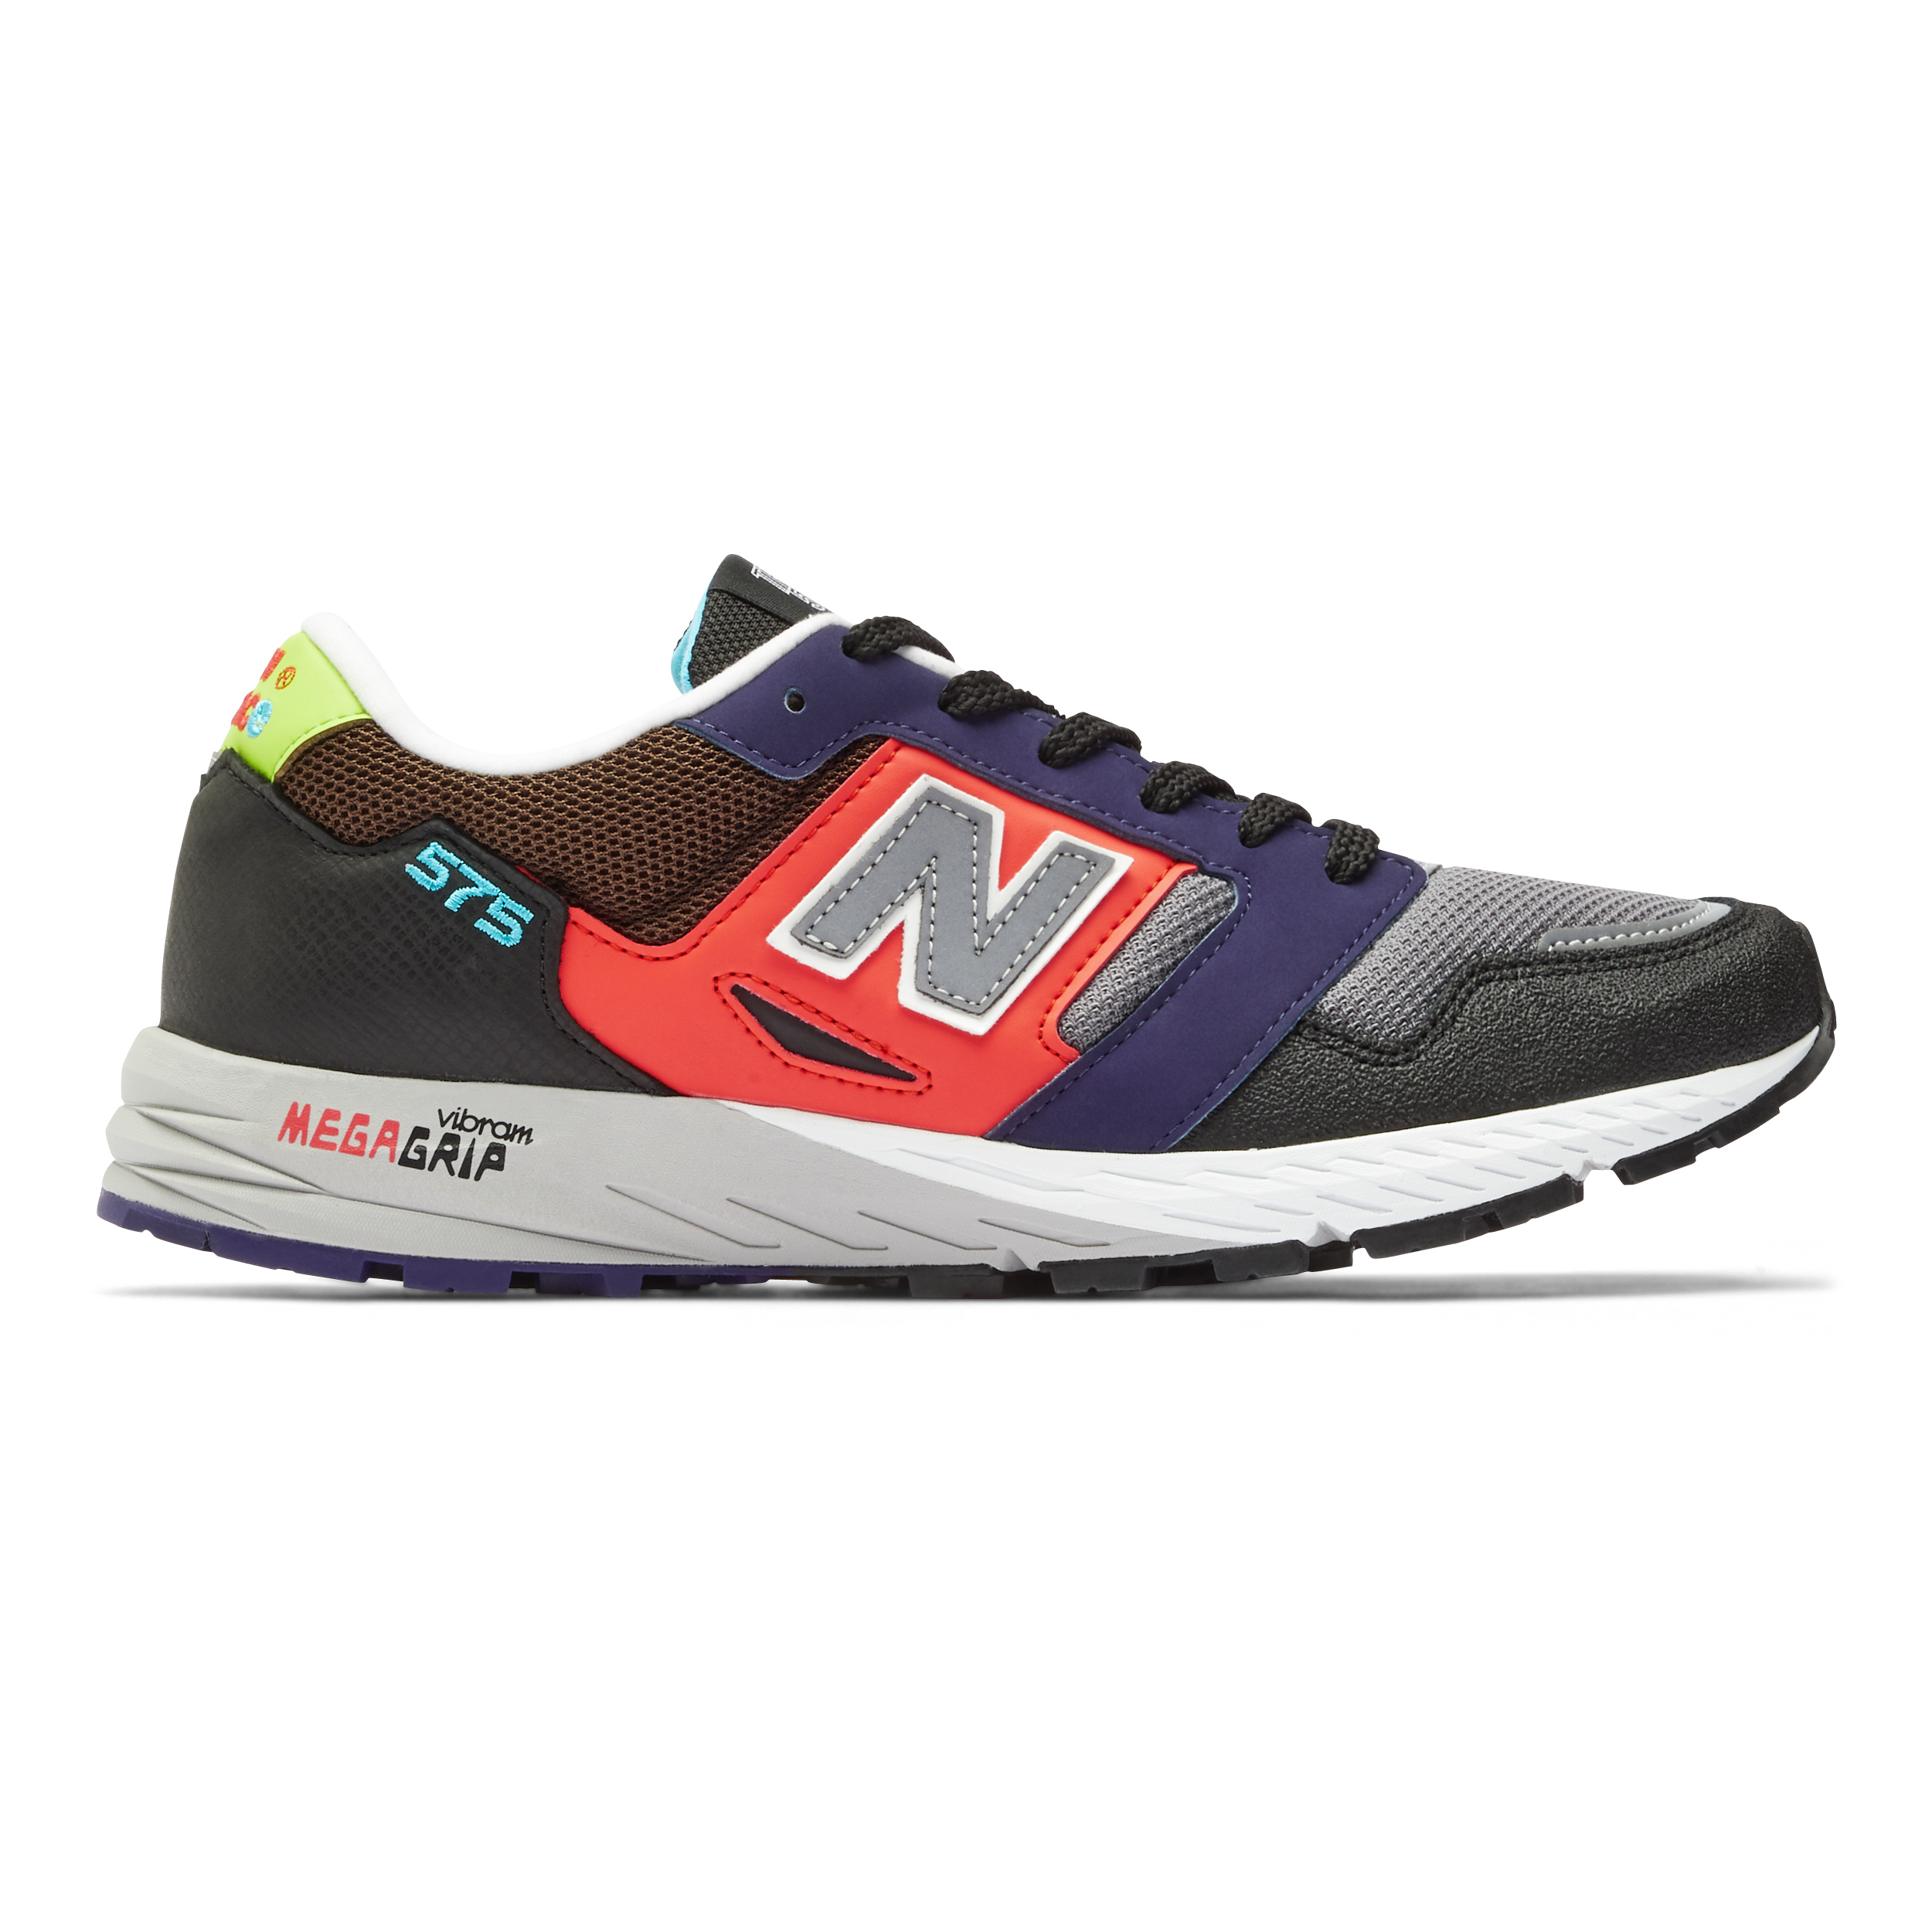 New Balance 575 | ShoeStores.com